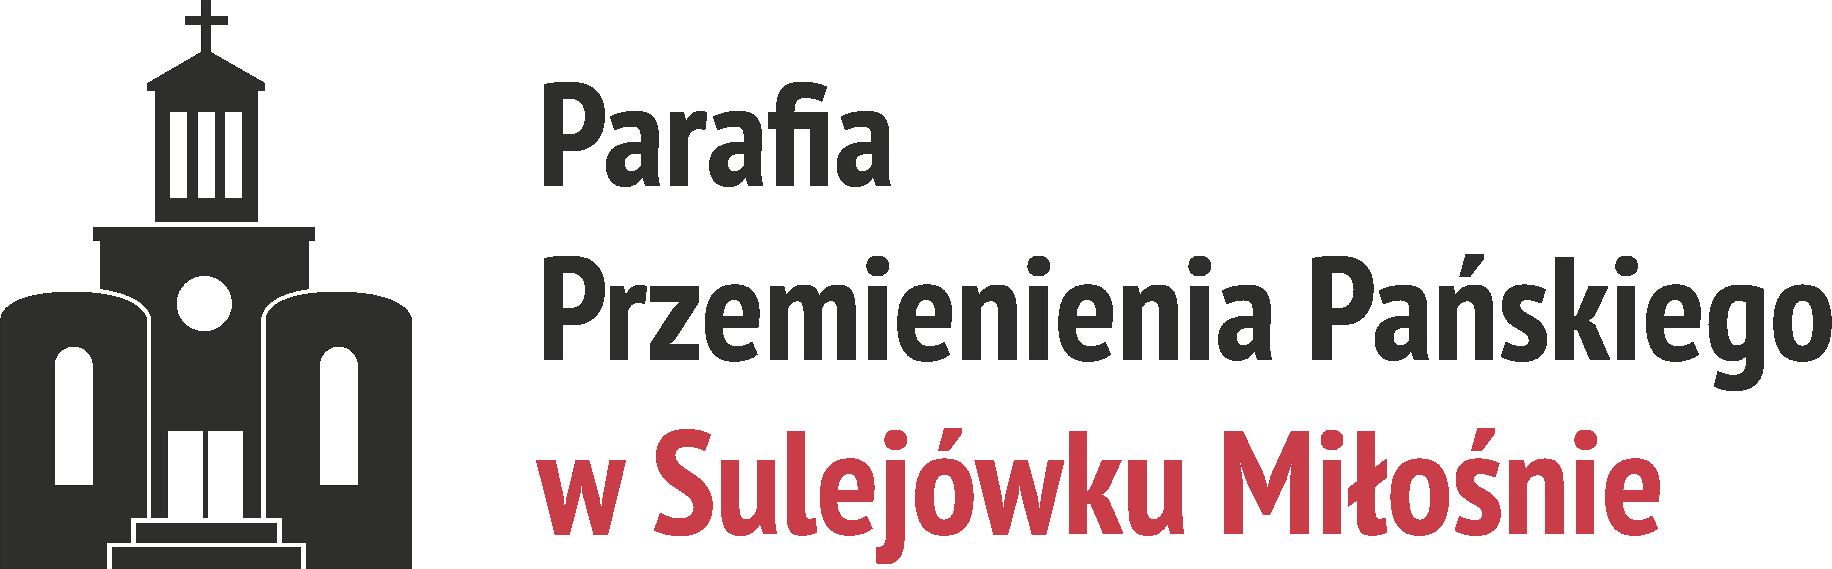 Parafia Przemienienia Pańskiego w Sulejówku - Miłośnie